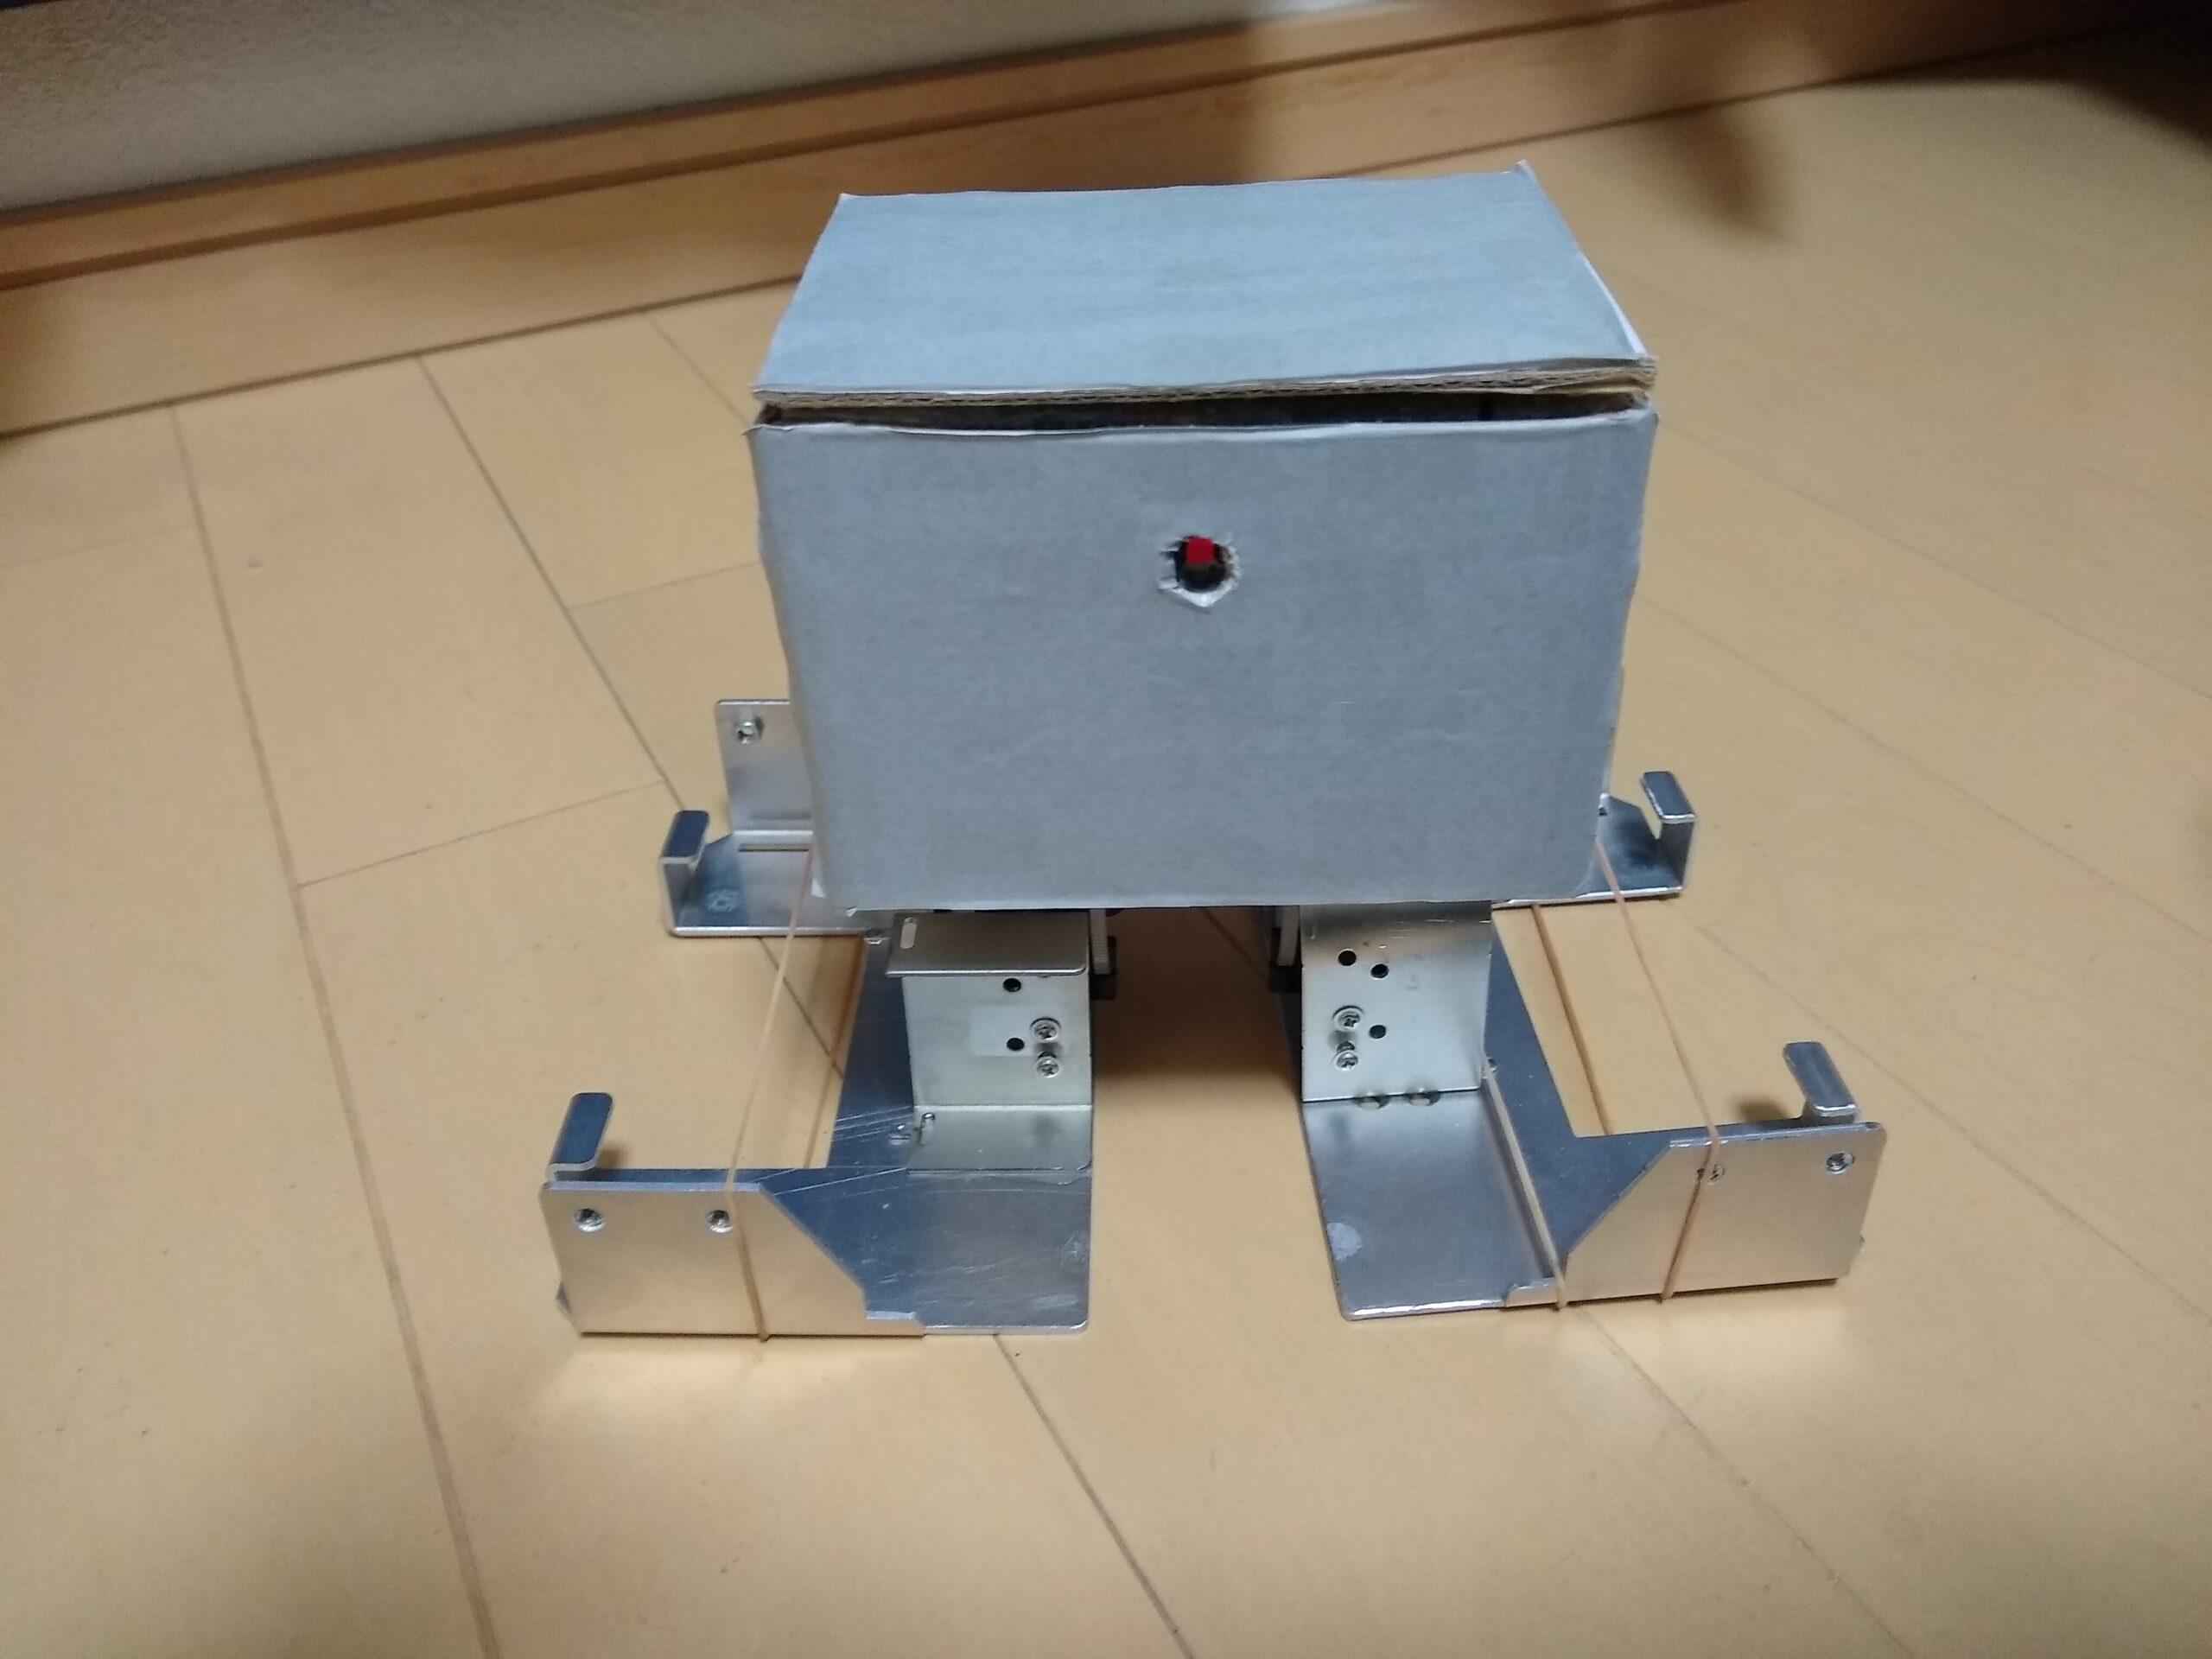 RaspberryPiで作る2足歩行ロボ「ApacheでCGIを使ってブラウザからpythonでサーボモーターを制御」